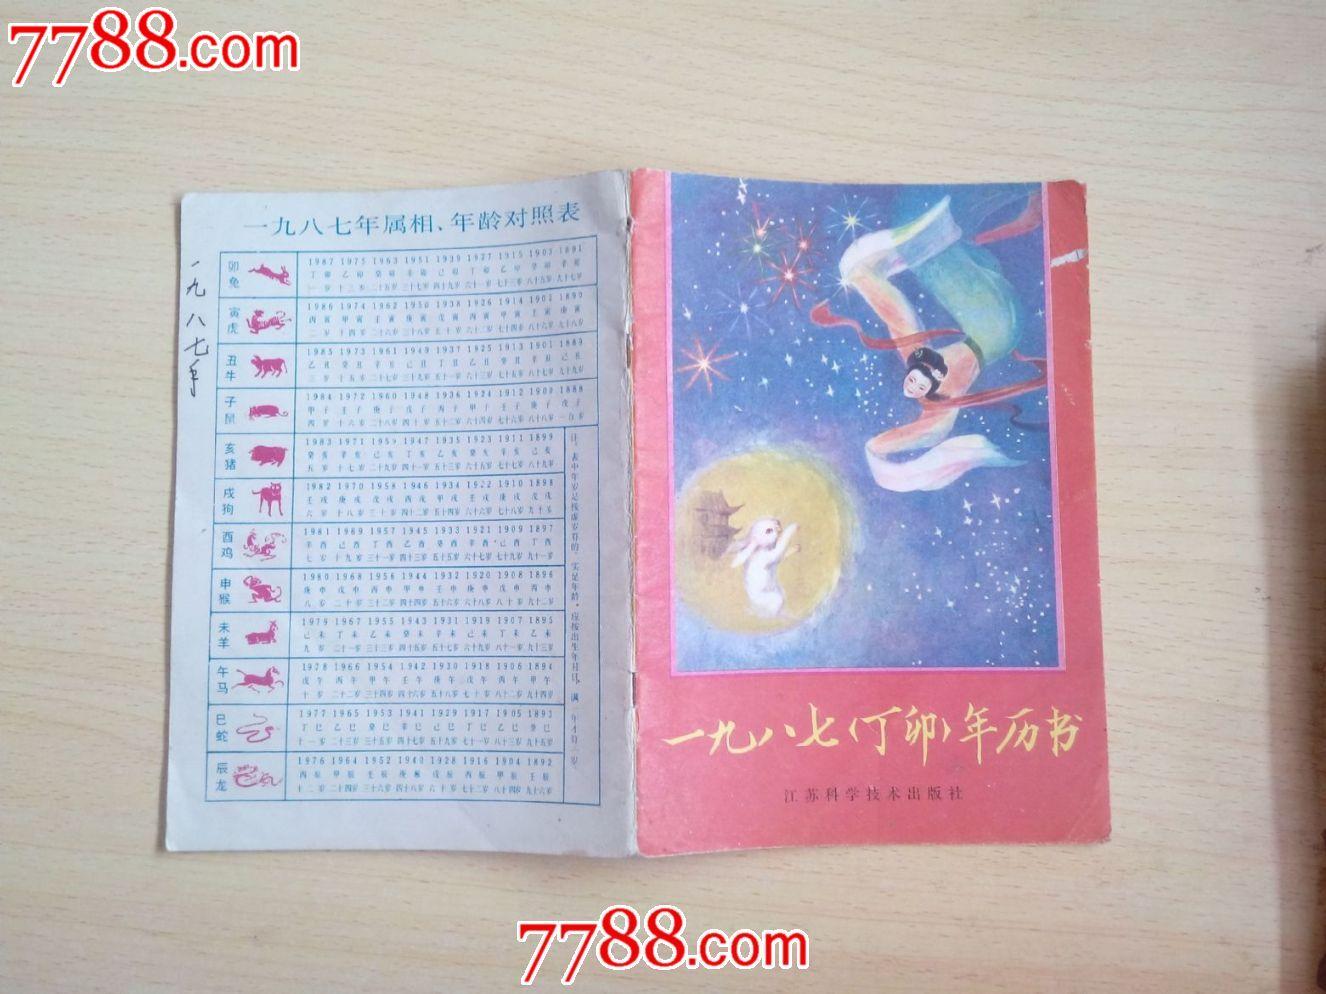 se18194084,ls130616-5 品种: 历书-历书 属性: 年历书,,80-89年,,平图片